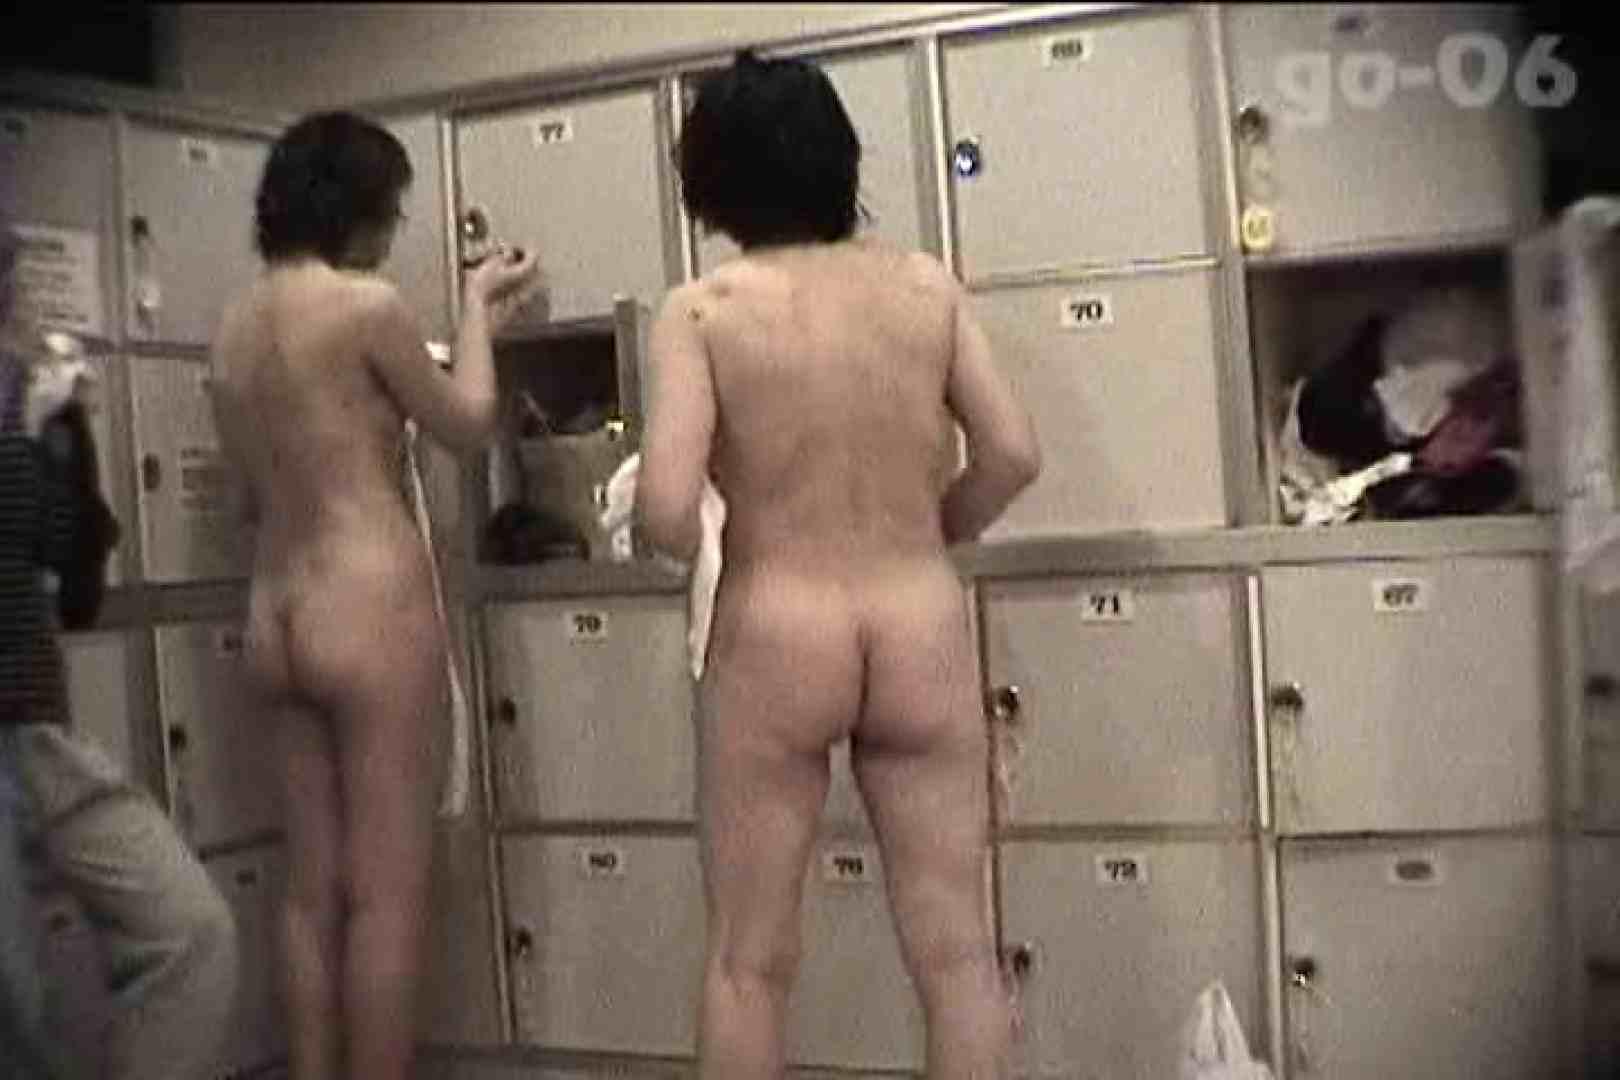 電波カメラ設置浴場からの防HAN映像 Vol.06 チラ ヌード画像 106画像 78